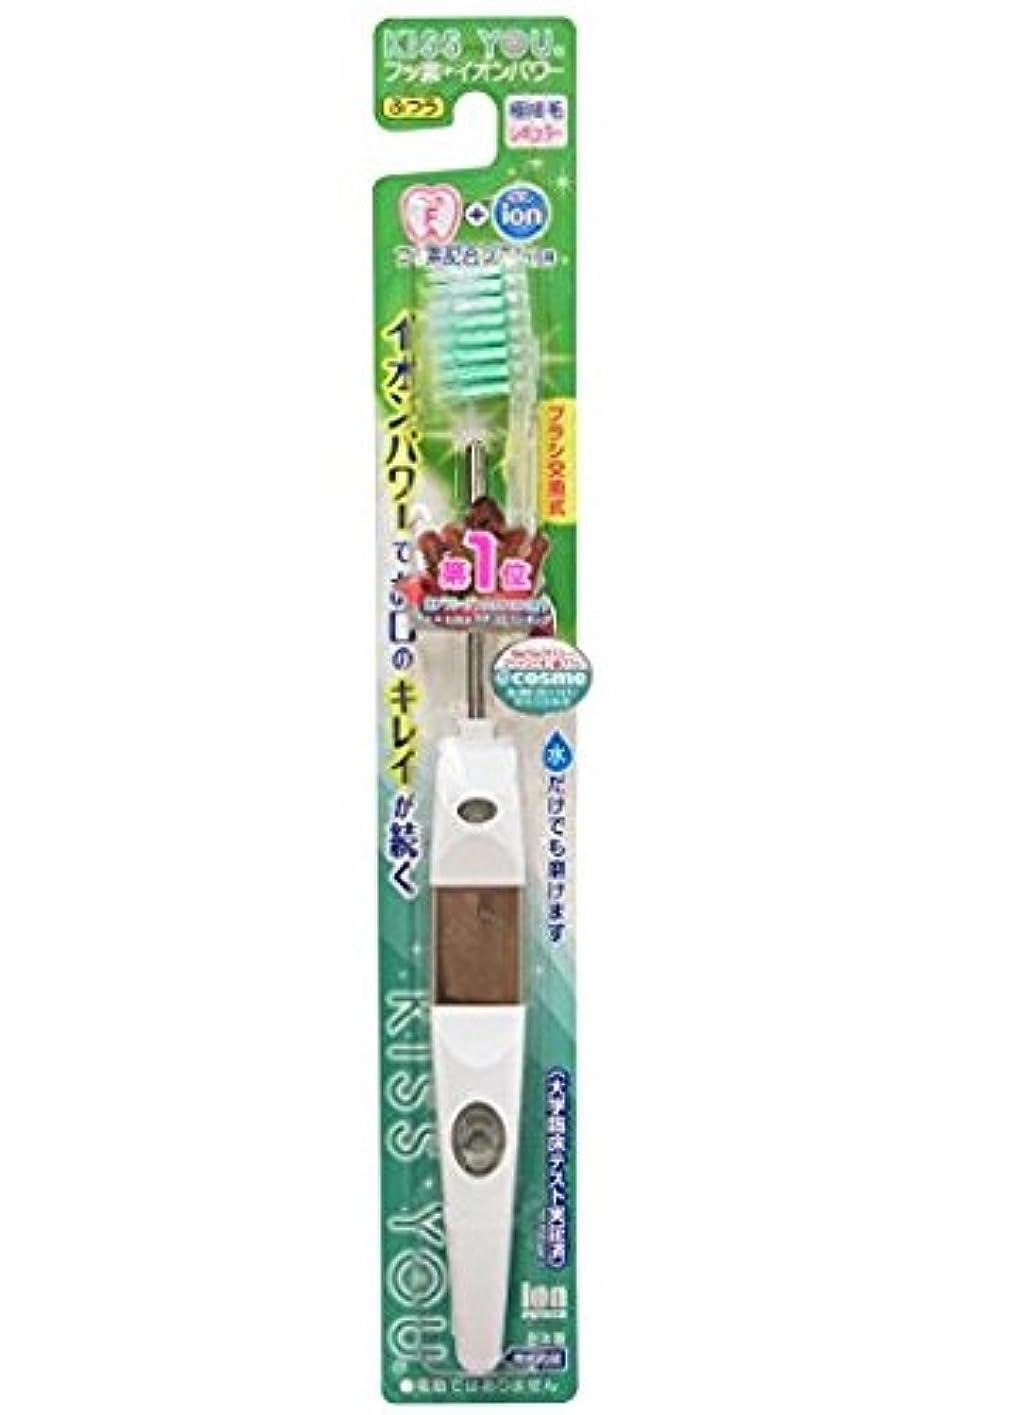 老人そして宇宙船フッ素イオン歯ブラシ極細レギュラー本体ふつう × 5個セット